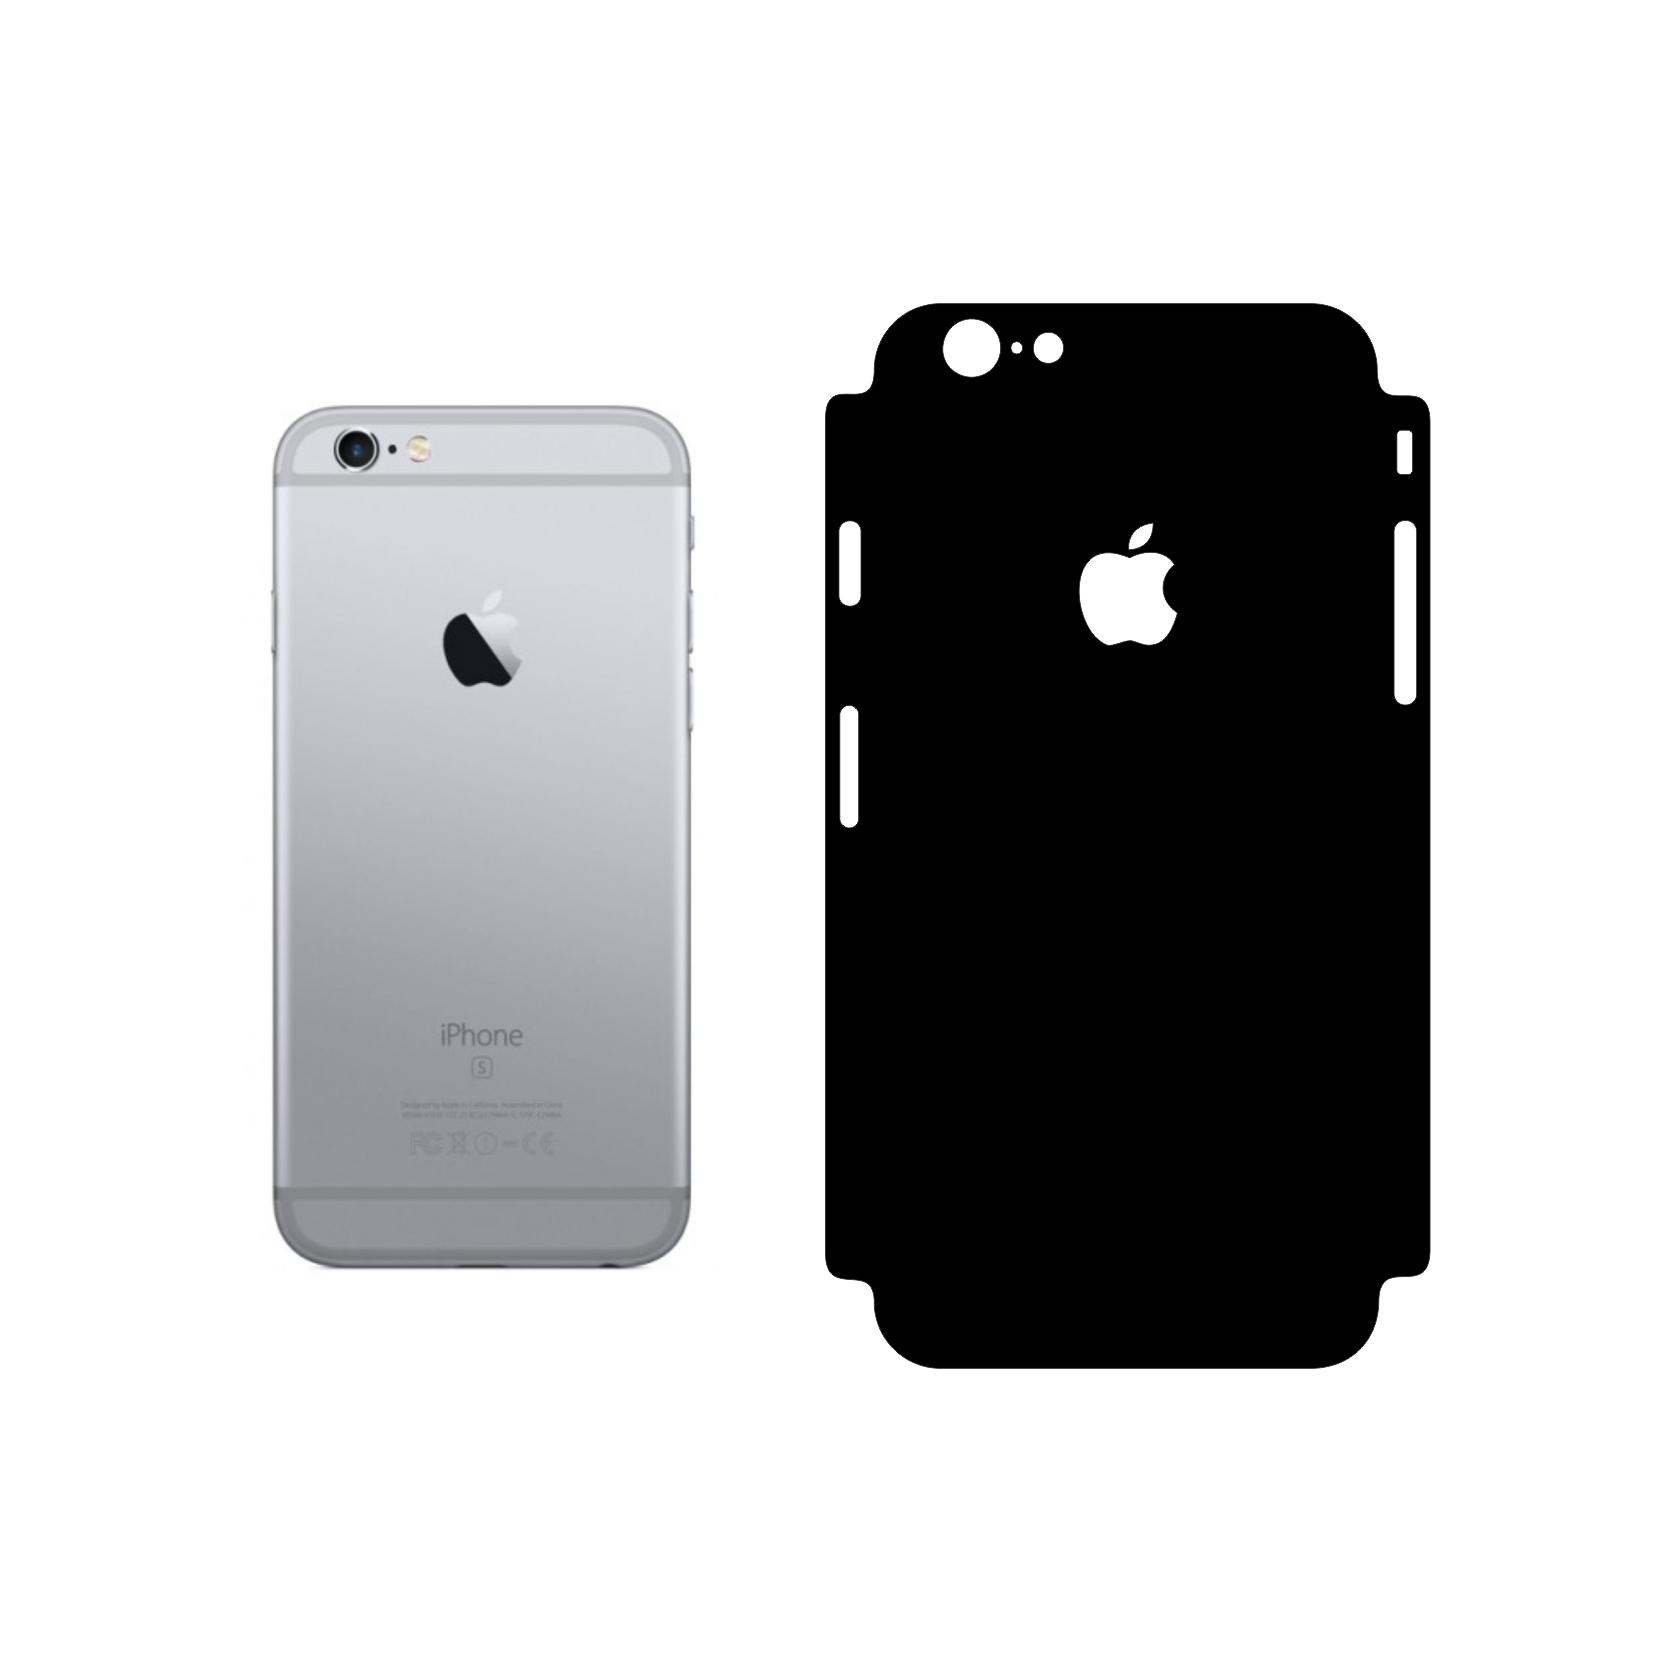 برچسب پوششی مدل Glossy black104 مناسب برای گوشی موبایل اپل Iphone 6/6s main 1 2